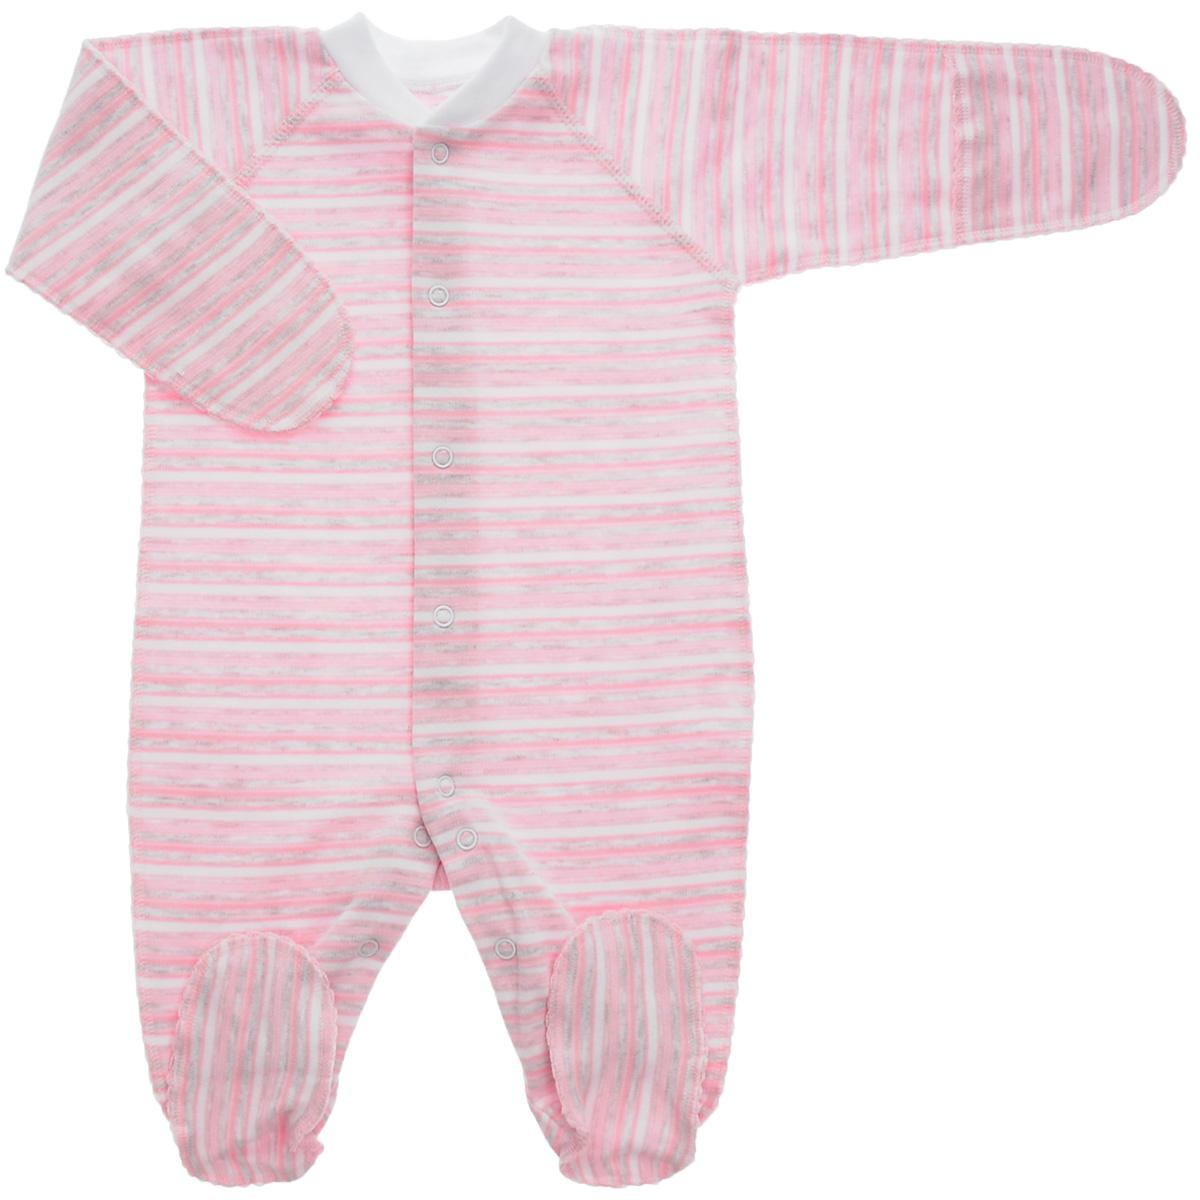 Комбинезон детский Фреш стайл, цвет: розовый, серый, белый. 39-523. Размер 20, 62 см, до 3 месяцев39-523Комбинезон Фреш Стайл станет идеальным дополнением к гардеробу вашего ребенка. Выполненный из натурального хлопка, он необычайно мягкий и приятный на ощупь, не раздражают нежную кожу ребенка и хорошо вентилируется. Комбинезон с длинными рукавами, закрытыми ножками и воротником-стойкой застегиваются спереди на кнопки по всей длине и на ластовице, что облегчает переодевание ребенка и смену подгузника. Горловина дополнена эластичной резинкой. Благодаря рукавичкам ребенок не поцарапает себя.Оригинальное сочетание тканей и забавный рисунок делают этот предмет детской одежды оригинальным и стильным.